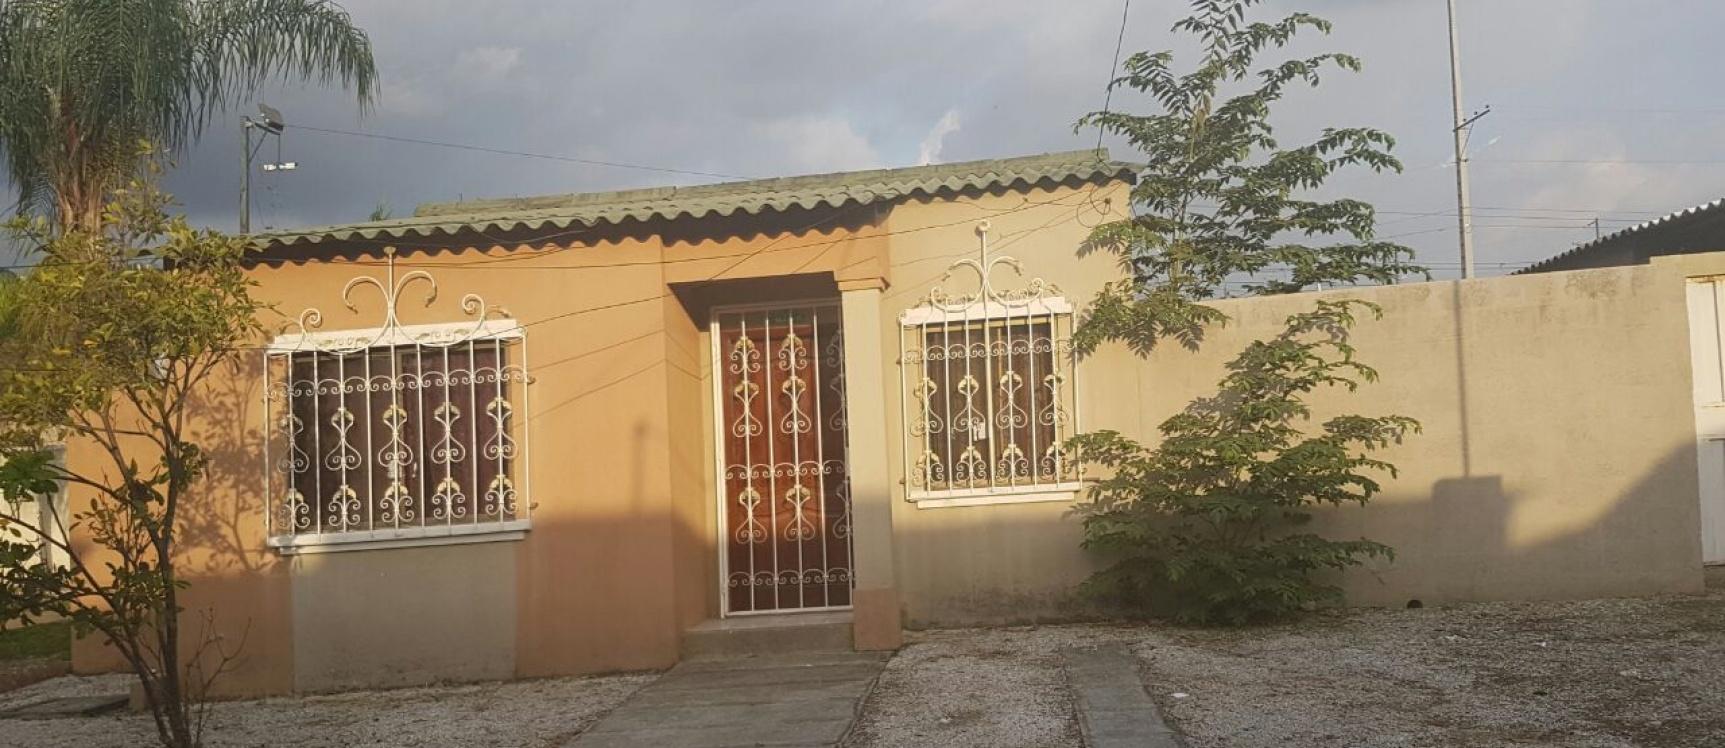 Casa En Venta Ubicado En La Joya Samborondon Guayaquil